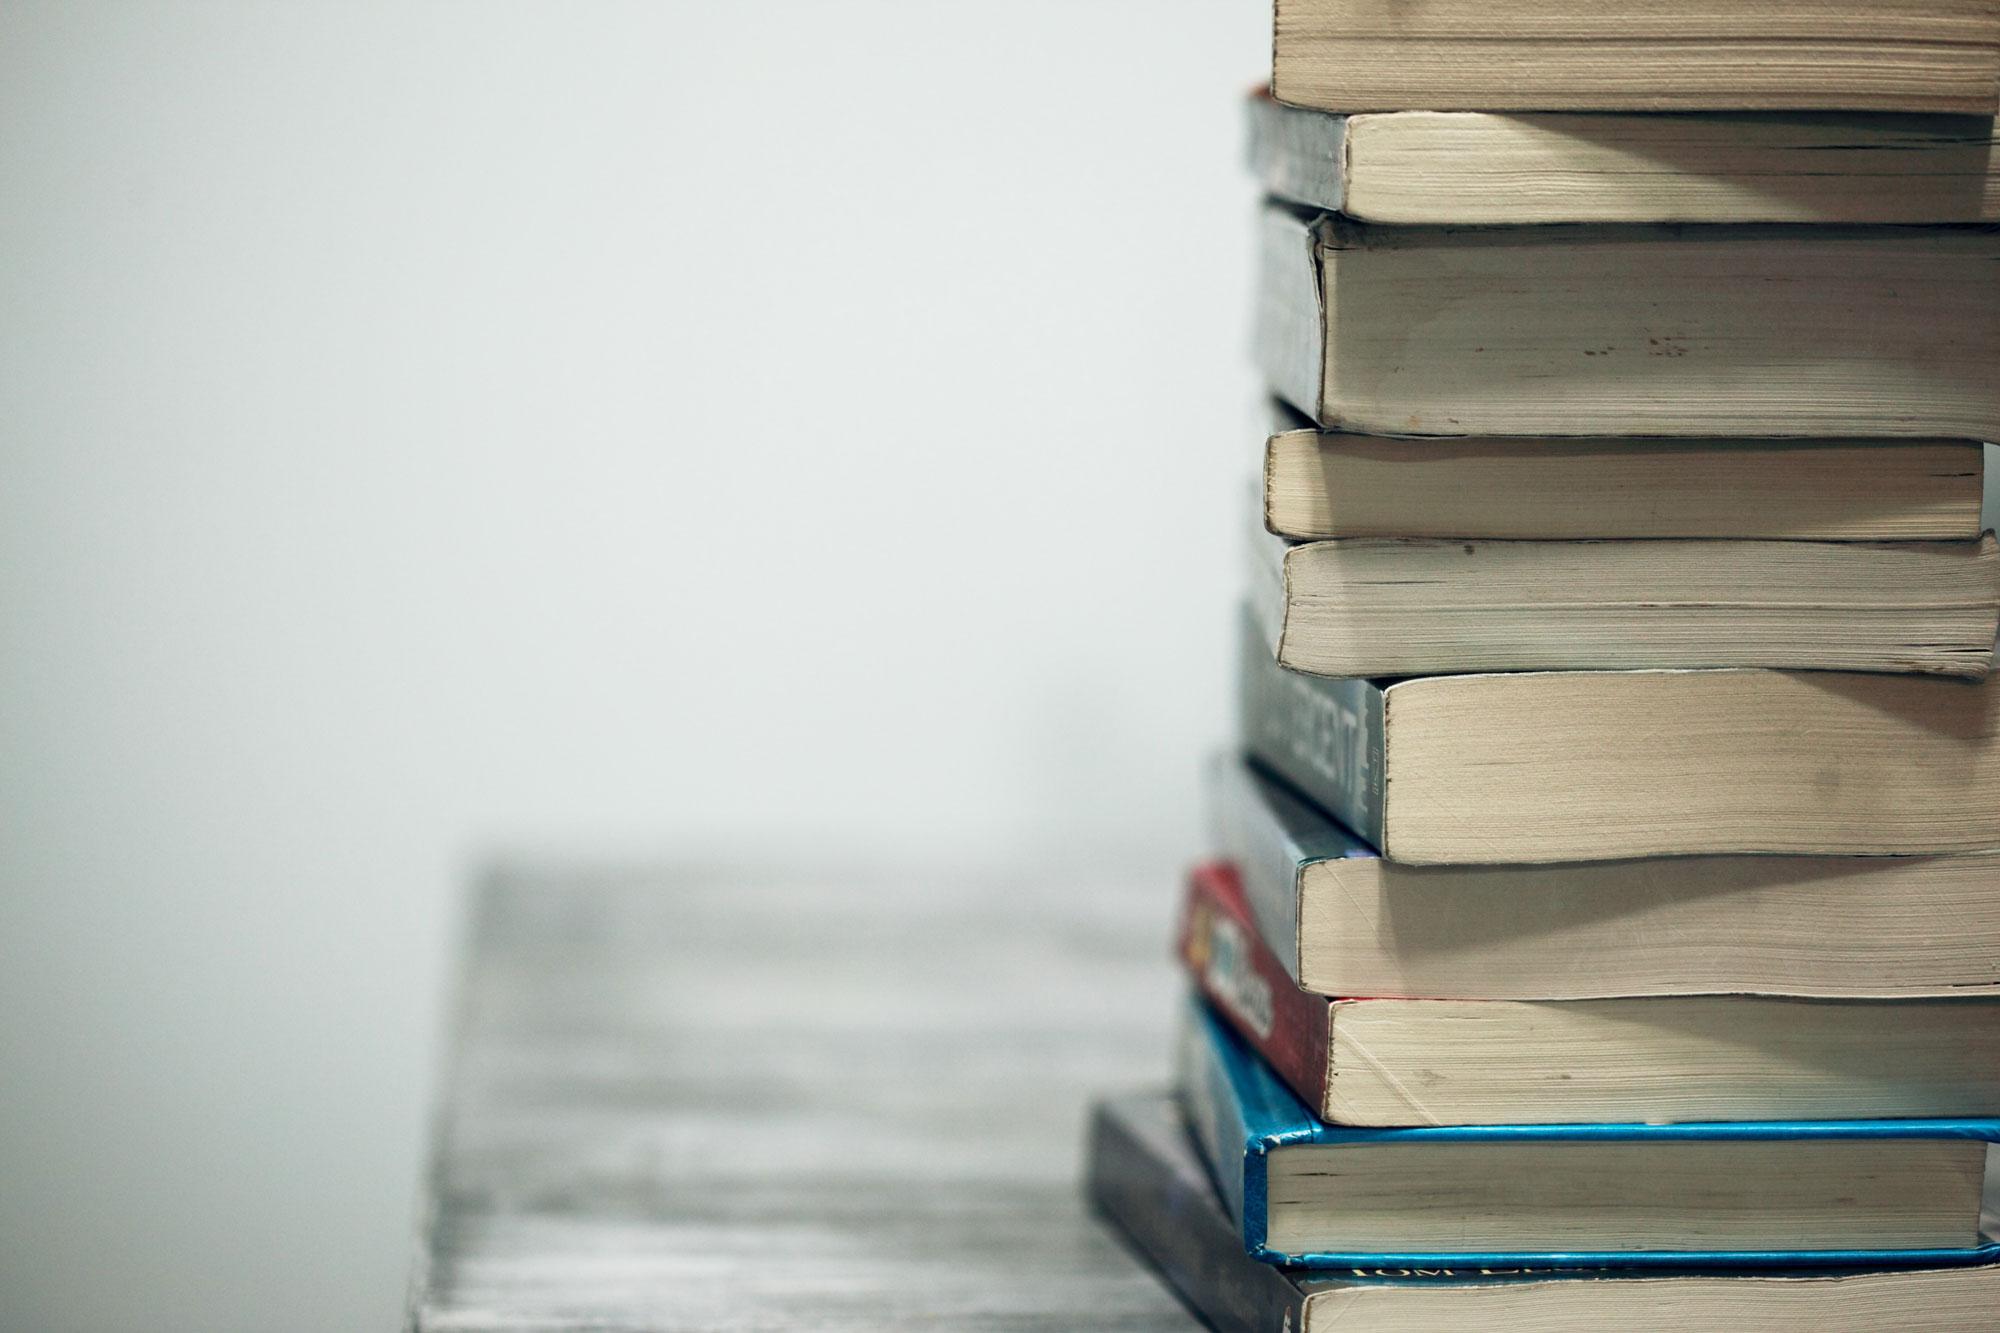 Bøker stablet oppå hverandre.Foto